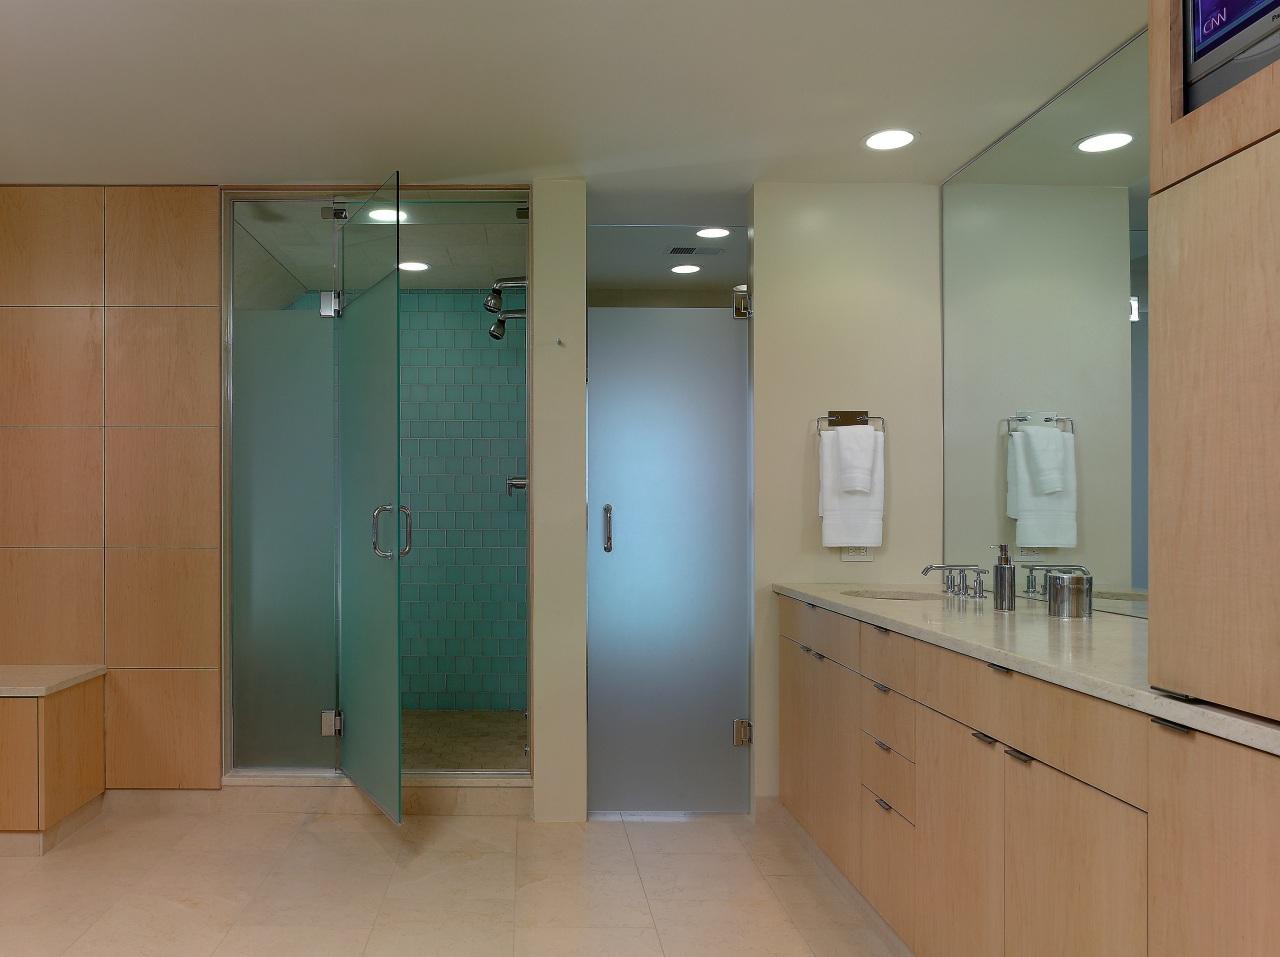 Keeping it simple – one shower stall, one bathroom, door, floor, glass, interior design, plumbing fixture, real estate, room, gray, brown